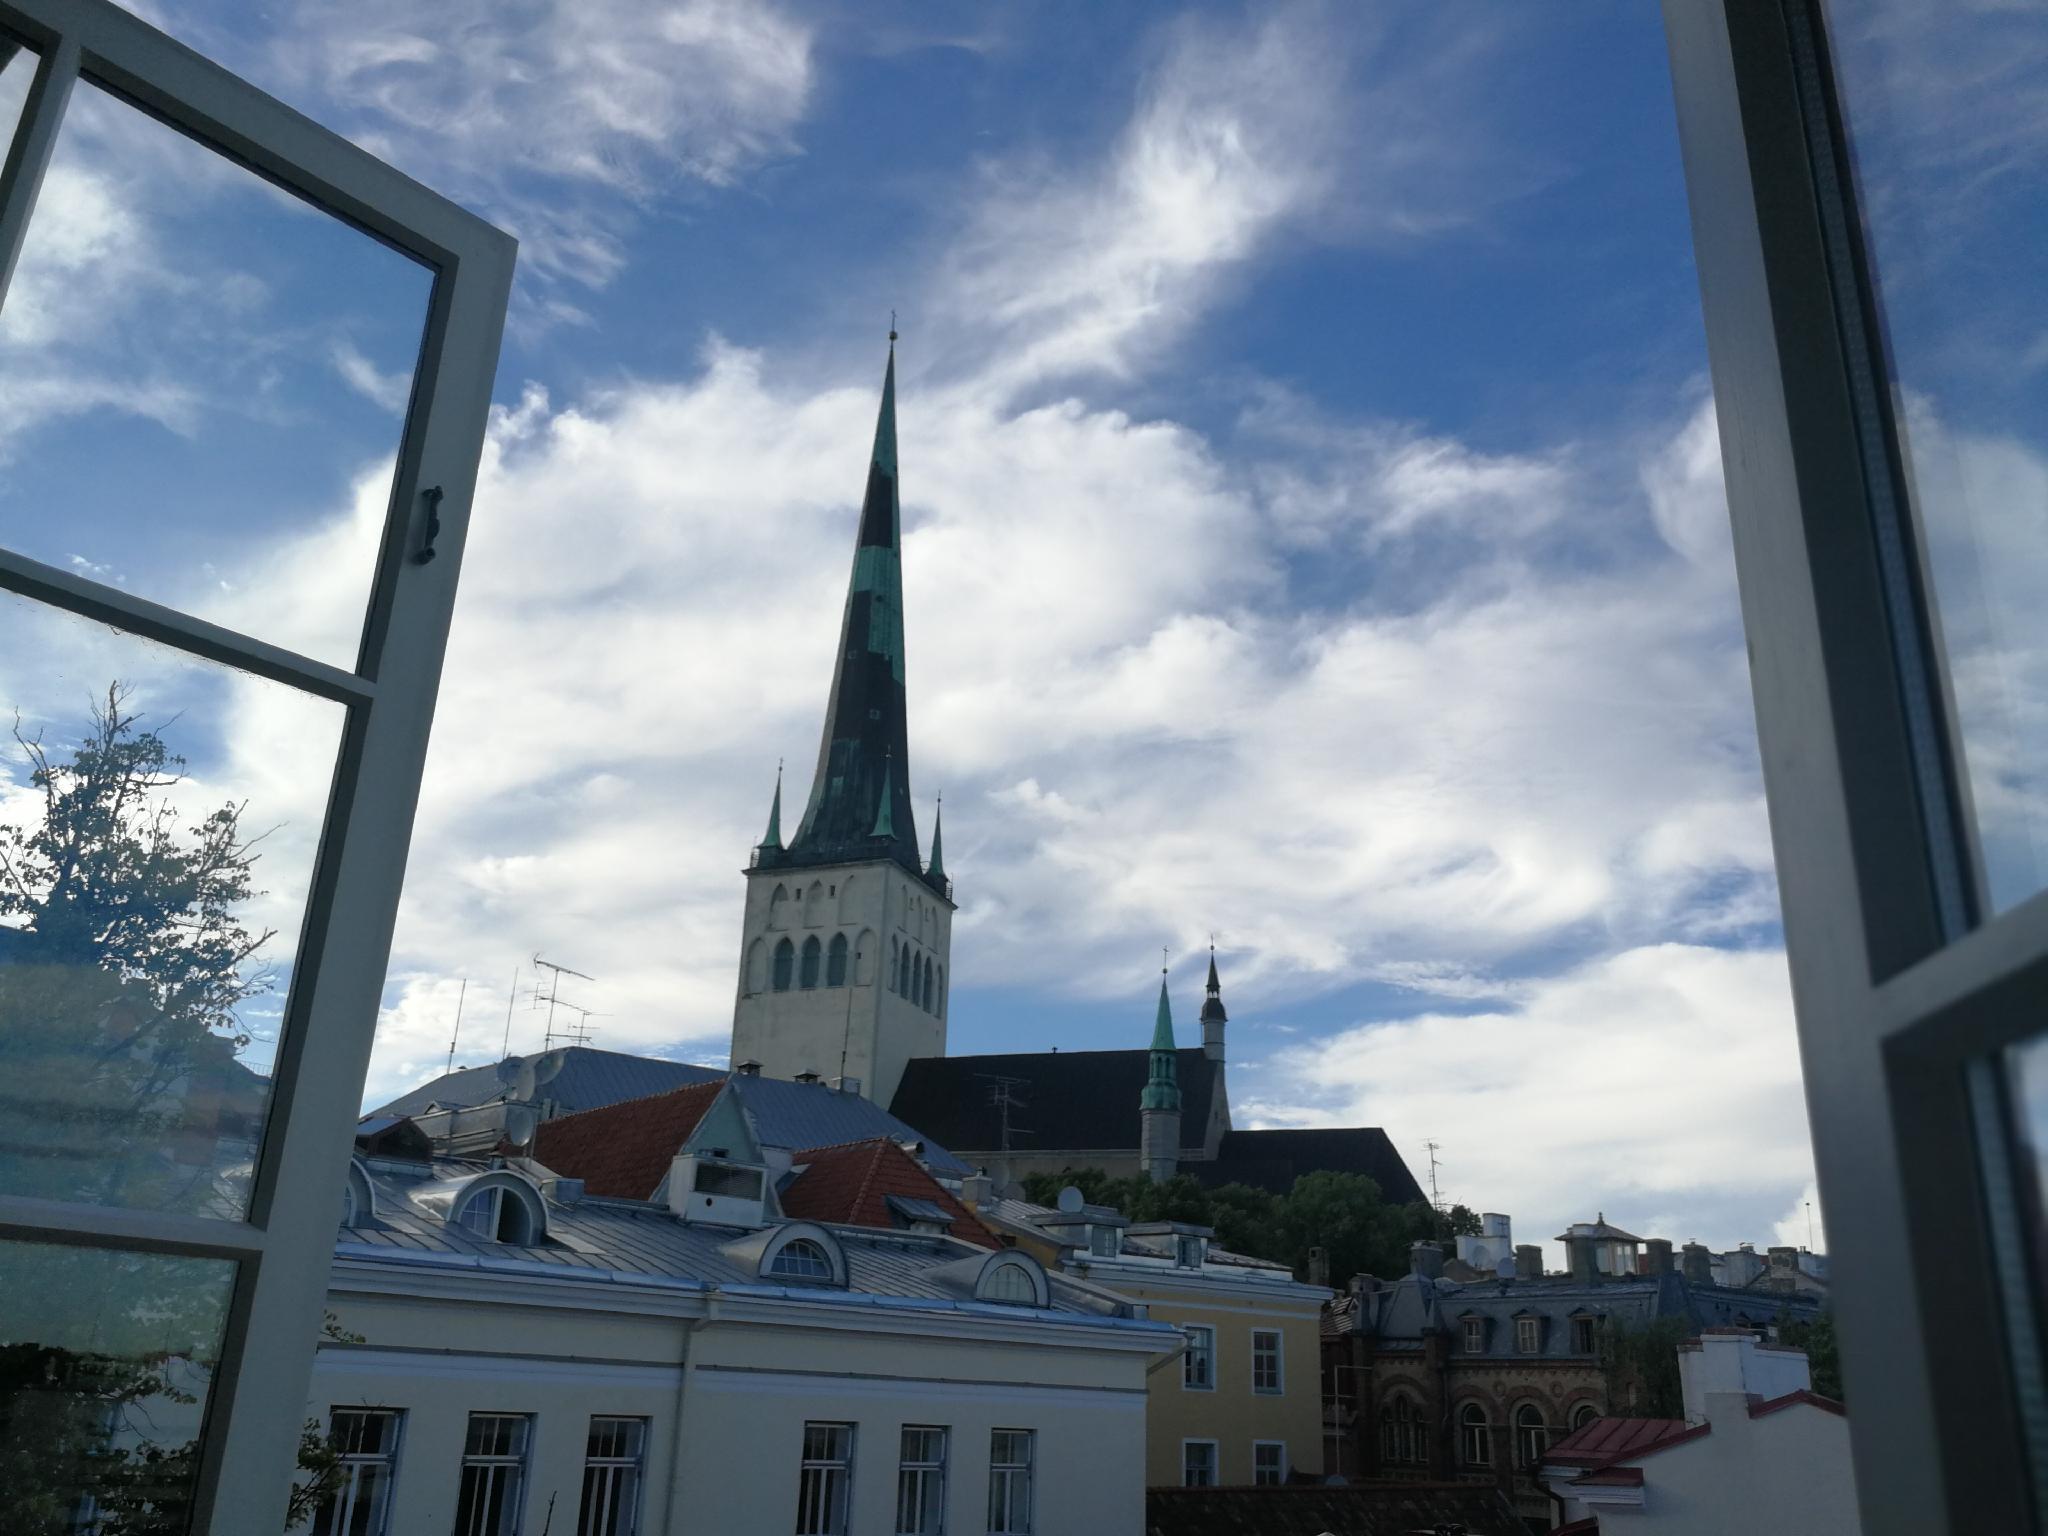 Imaginary Hostel,Tallinn